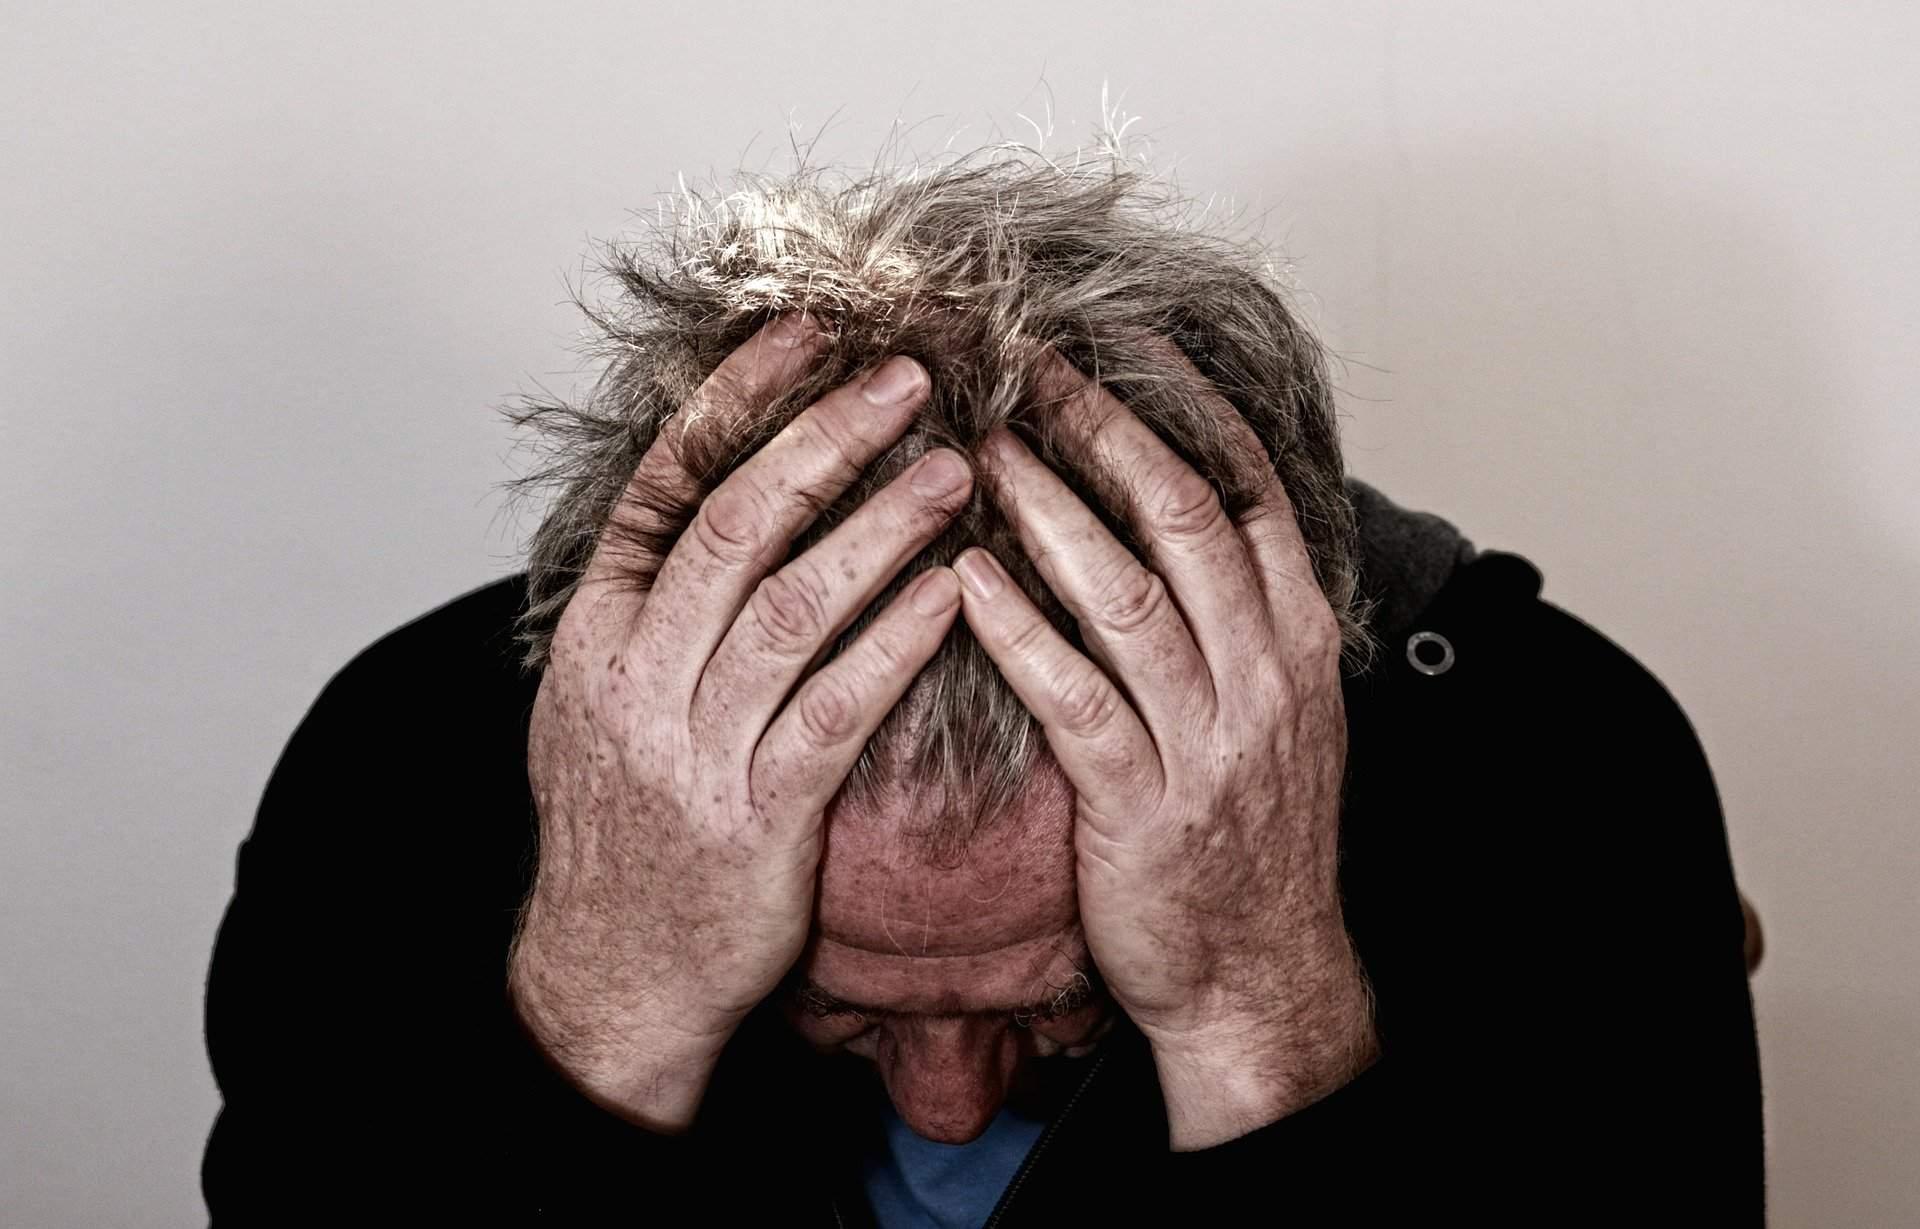 לא תאמינו – כמה השפעה יש לתוצאות שליליות בגוגל